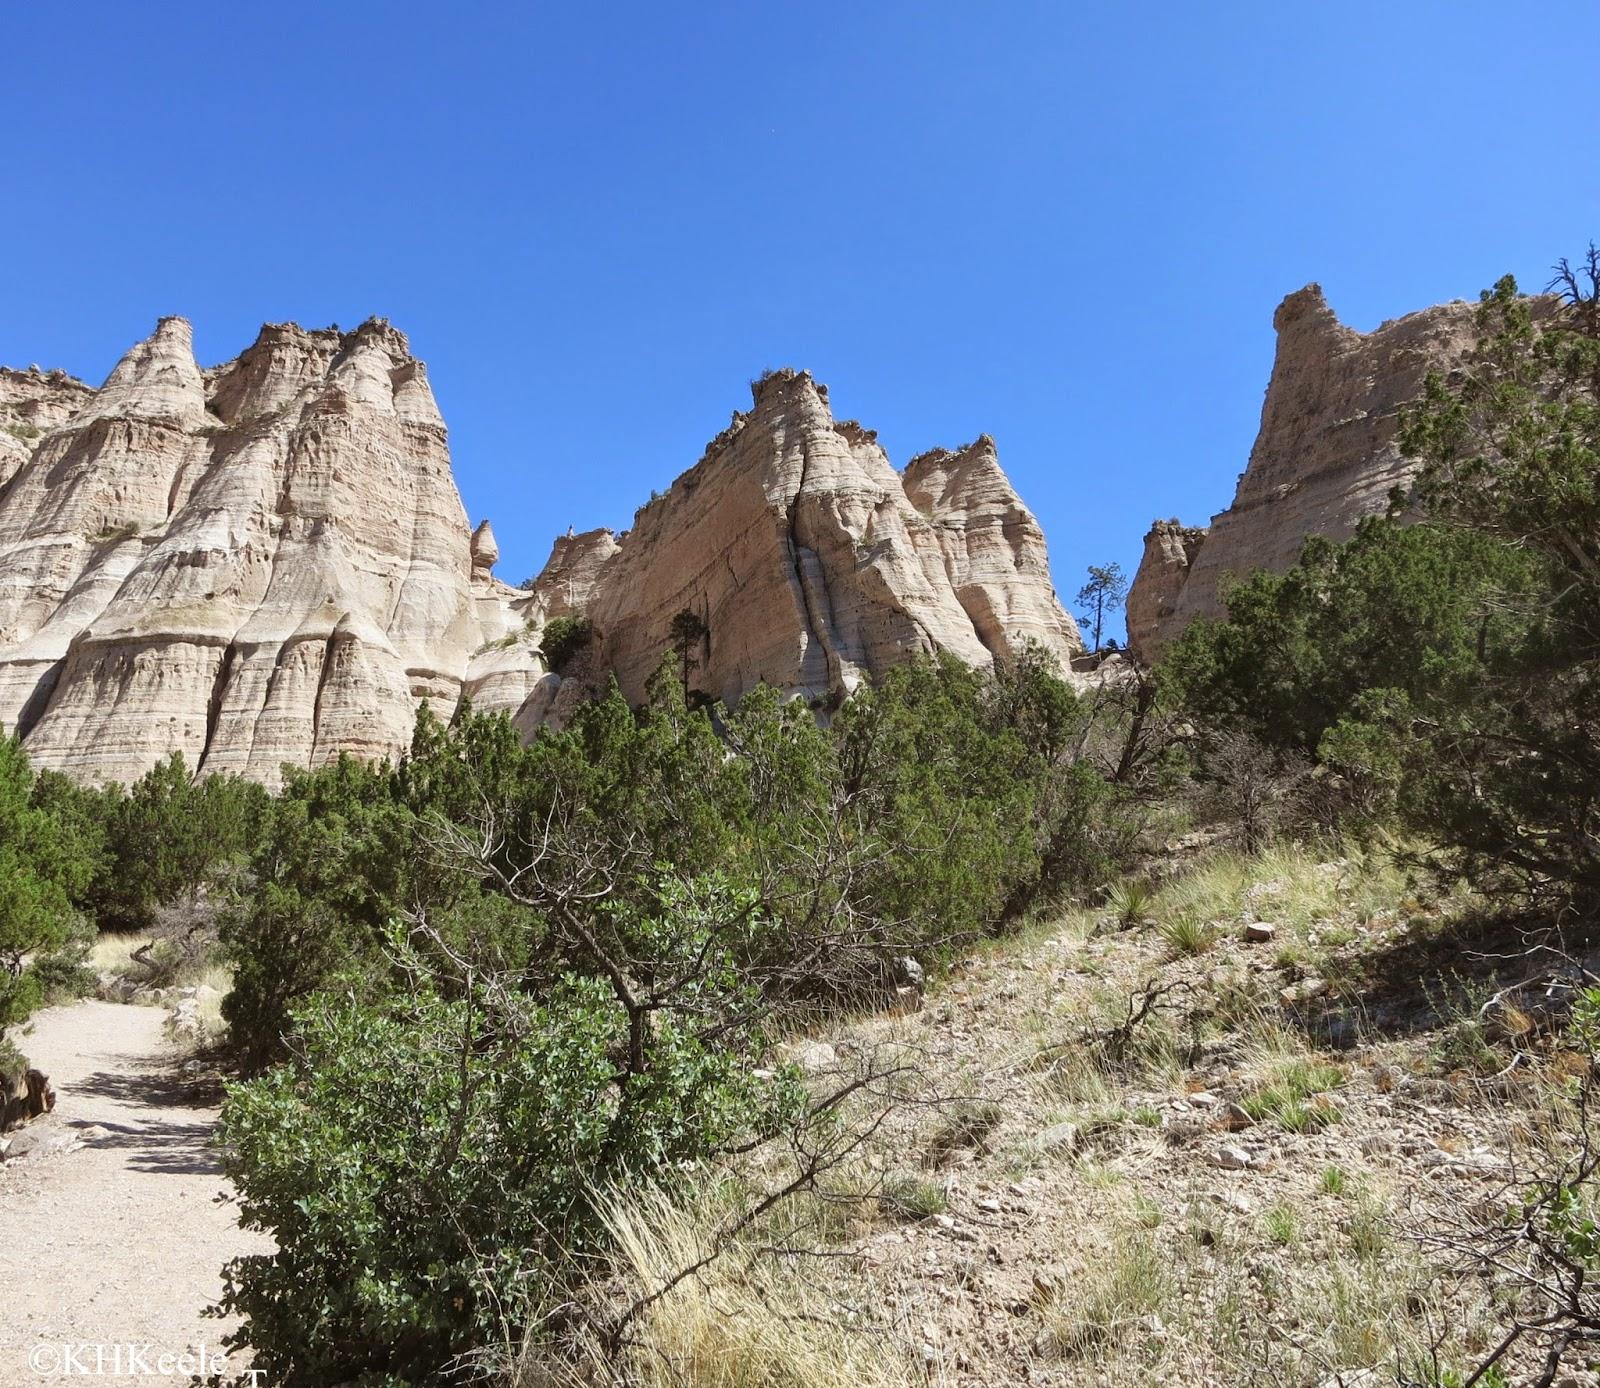 Kasha-Katuwe National Monument, New Mexico